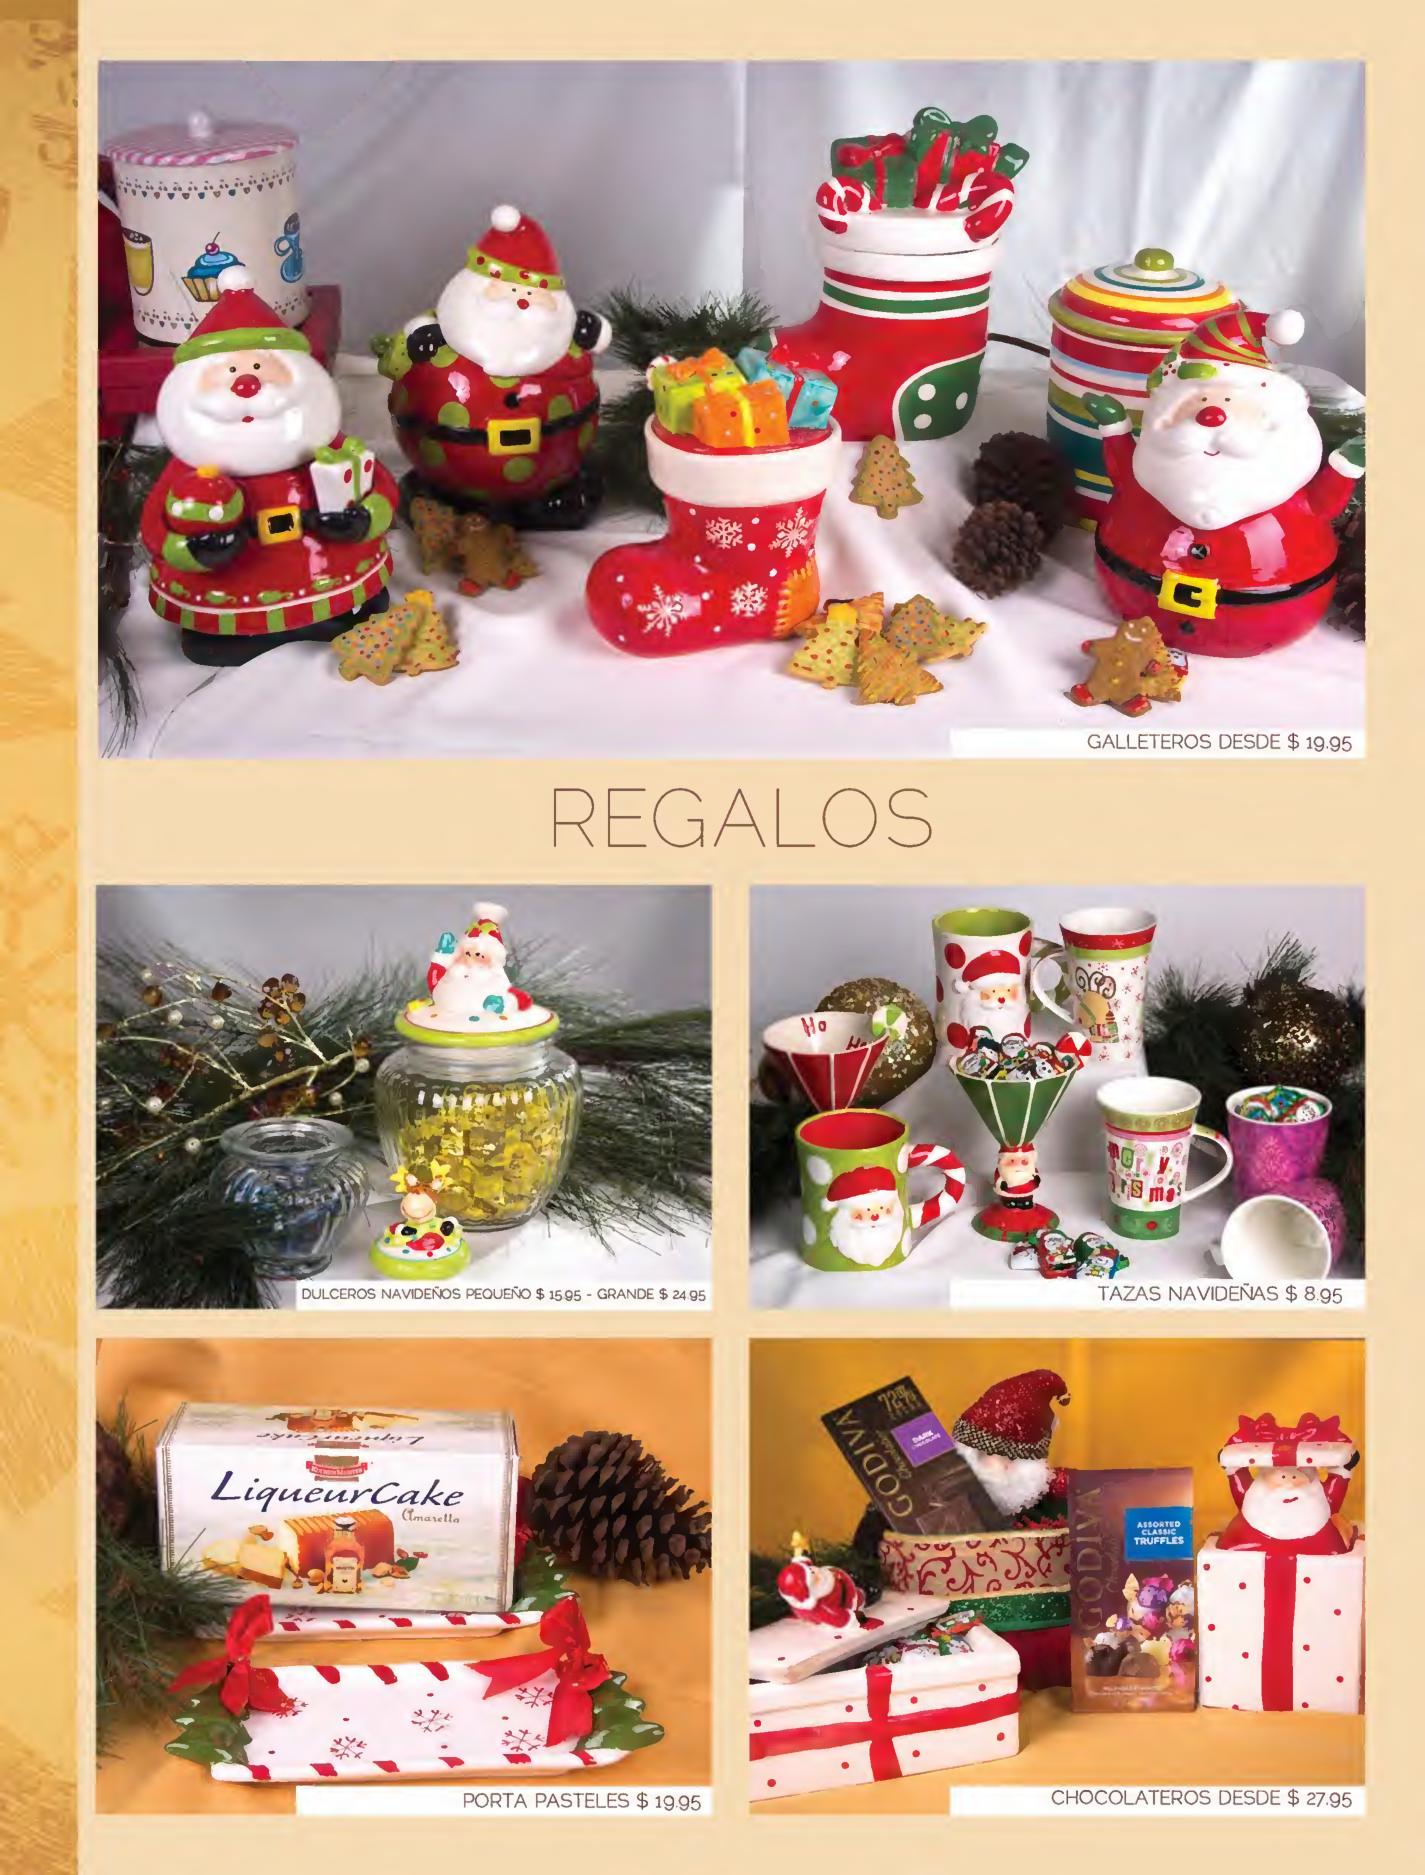 Se or tenedor canastas navide as gourmet page03 for Ofertas tenedor